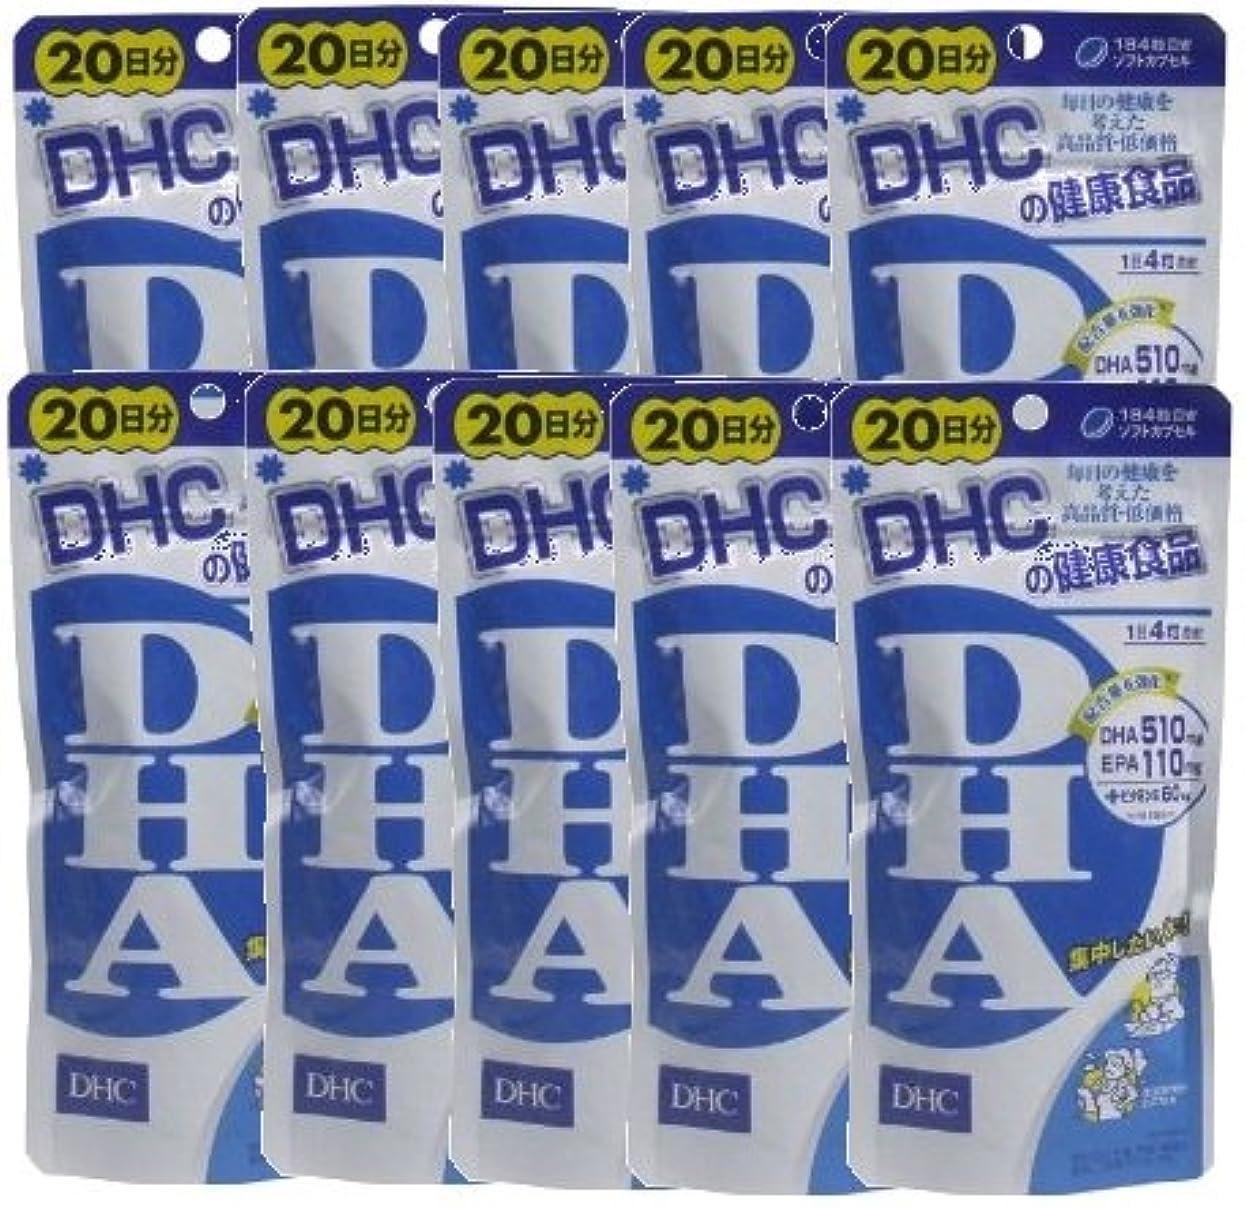 強化する調和のとれたおいしい【DHC】DHA 20日分 (80粒) ×10個セット